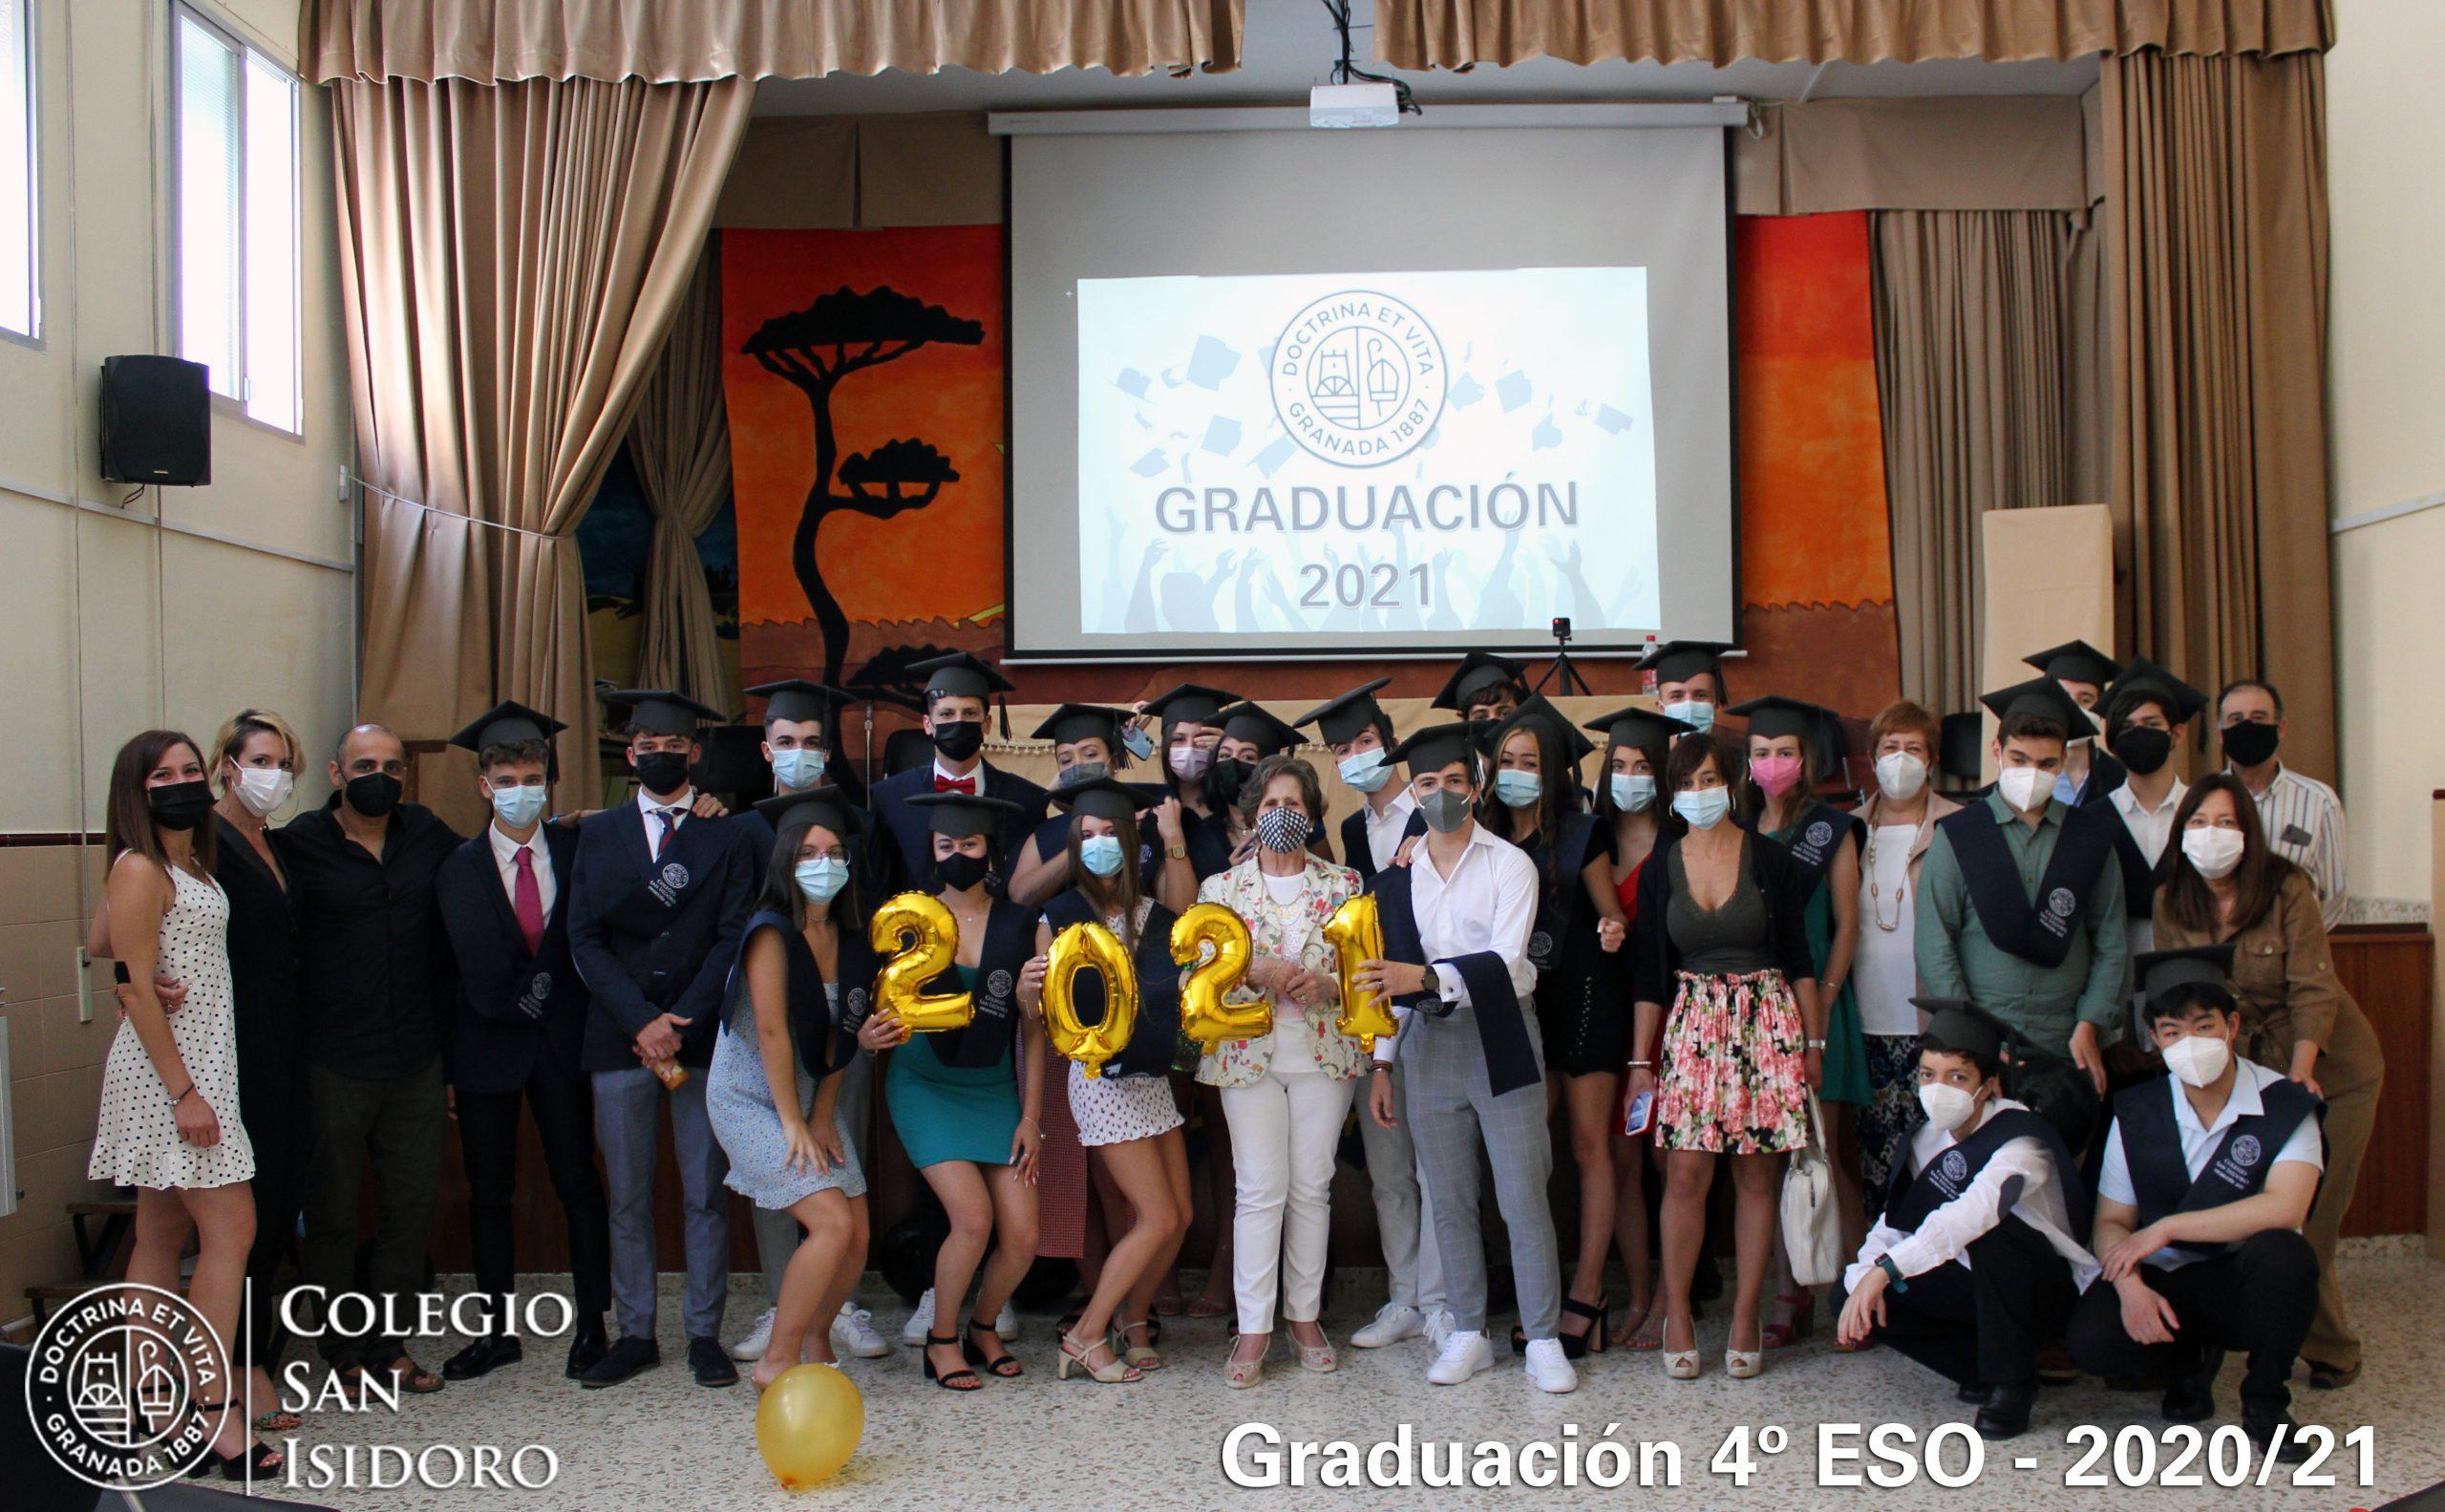 Graduación 4ºESO